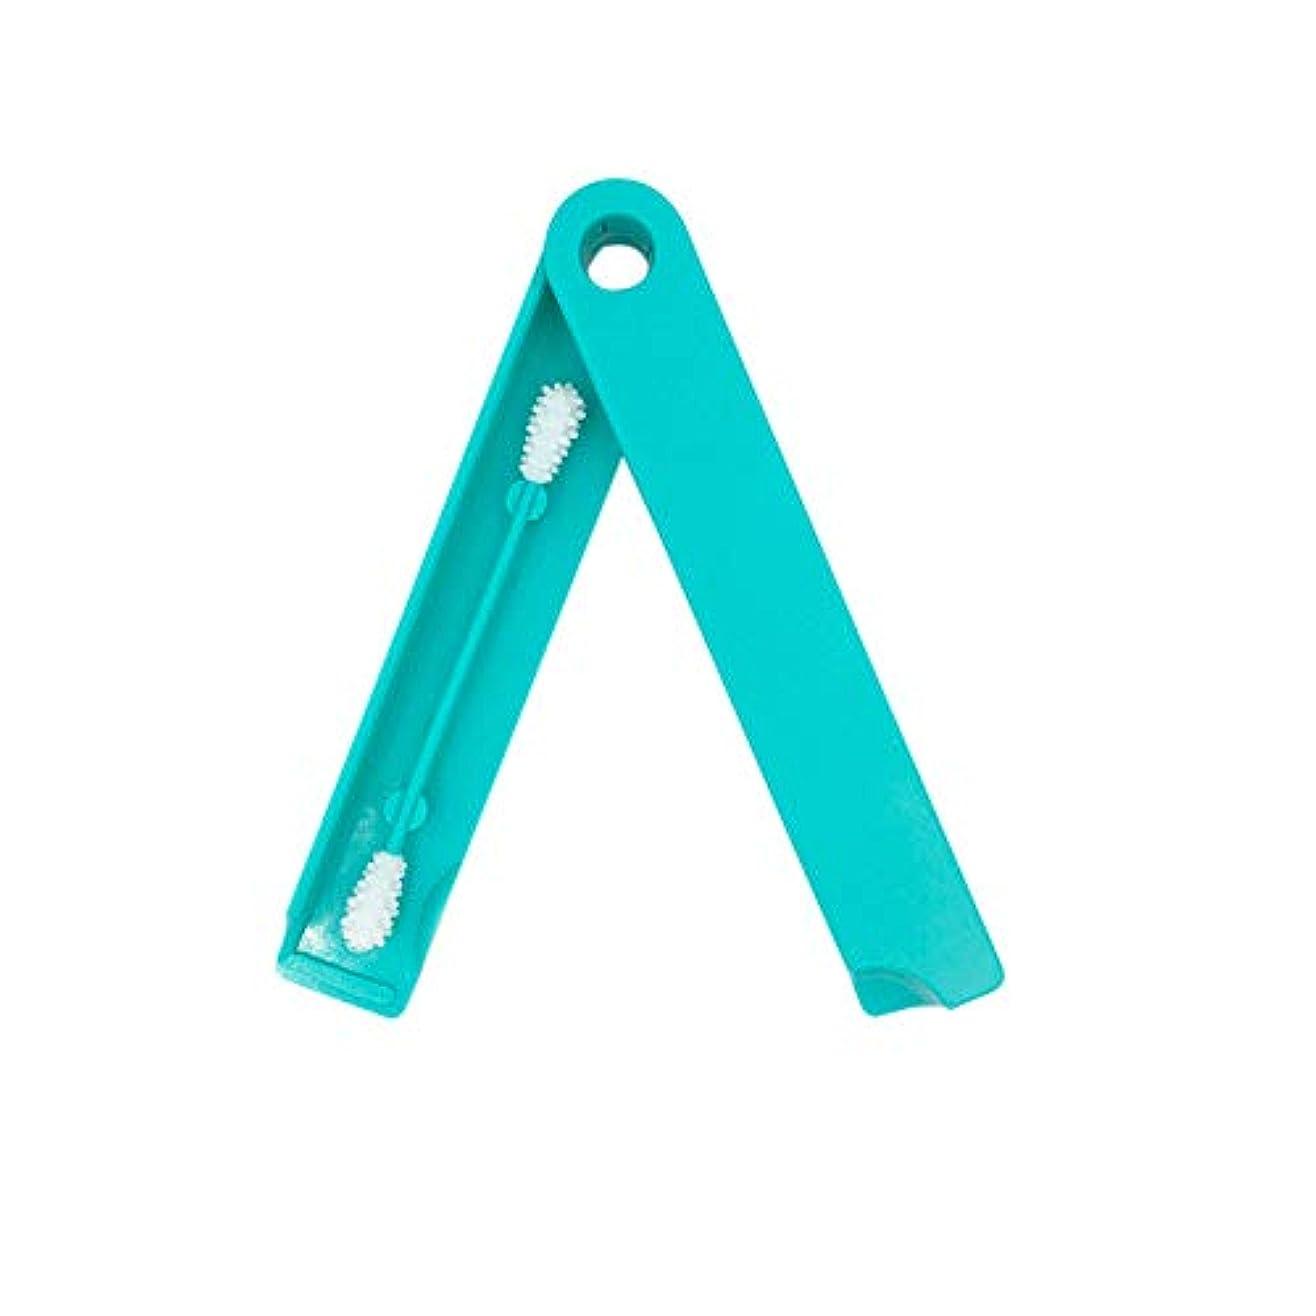 精神捕虜バイパスACHICOO 1 Pcの再使用可能なシリコーン綿棒の女性の化粧用綿棒の先端 青